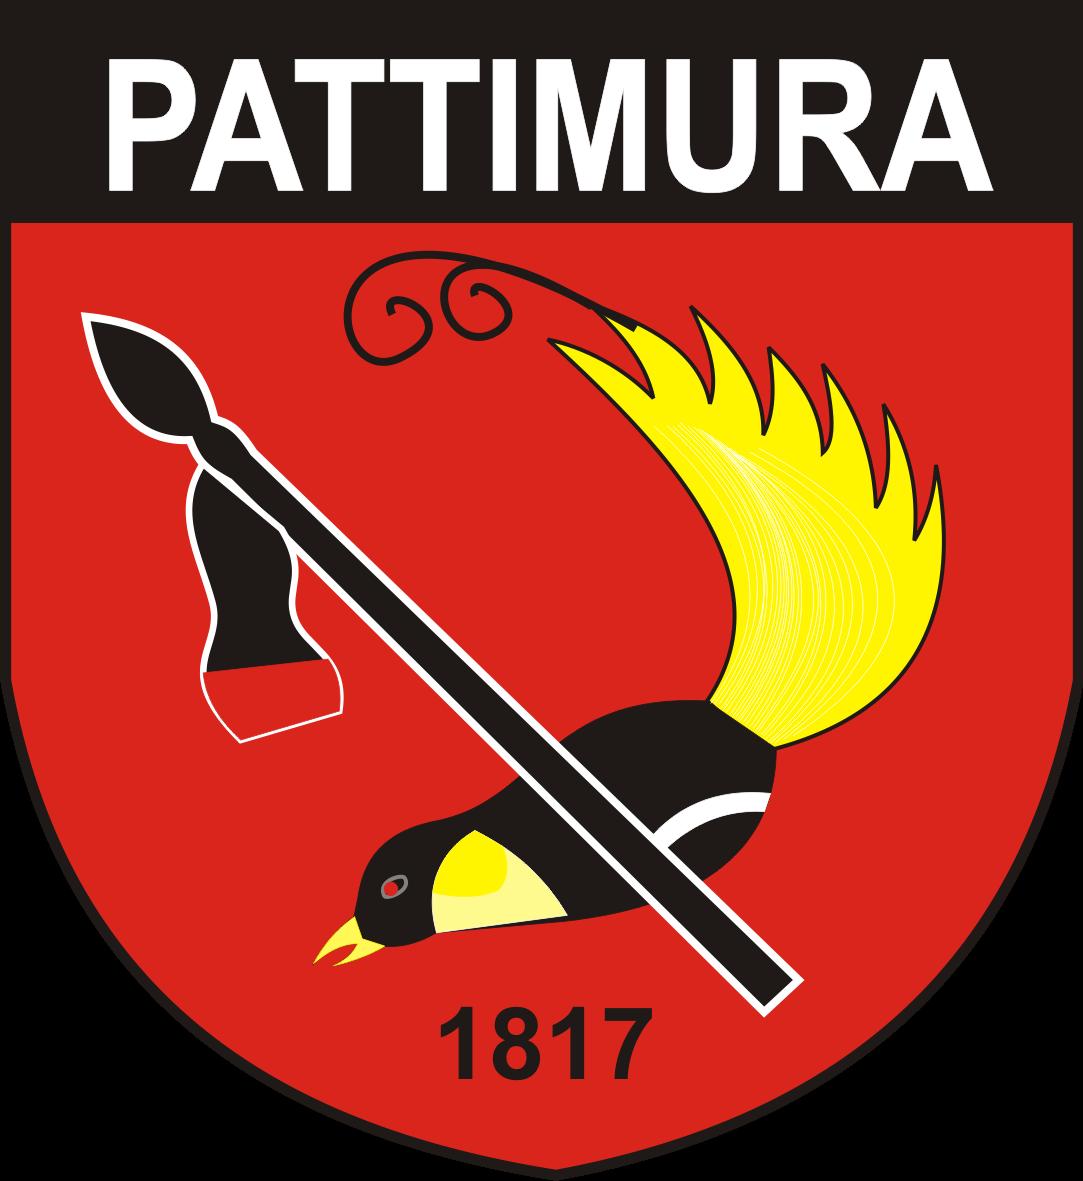 logo kodam sriwijaya pattimura dan kodam trikora ardi